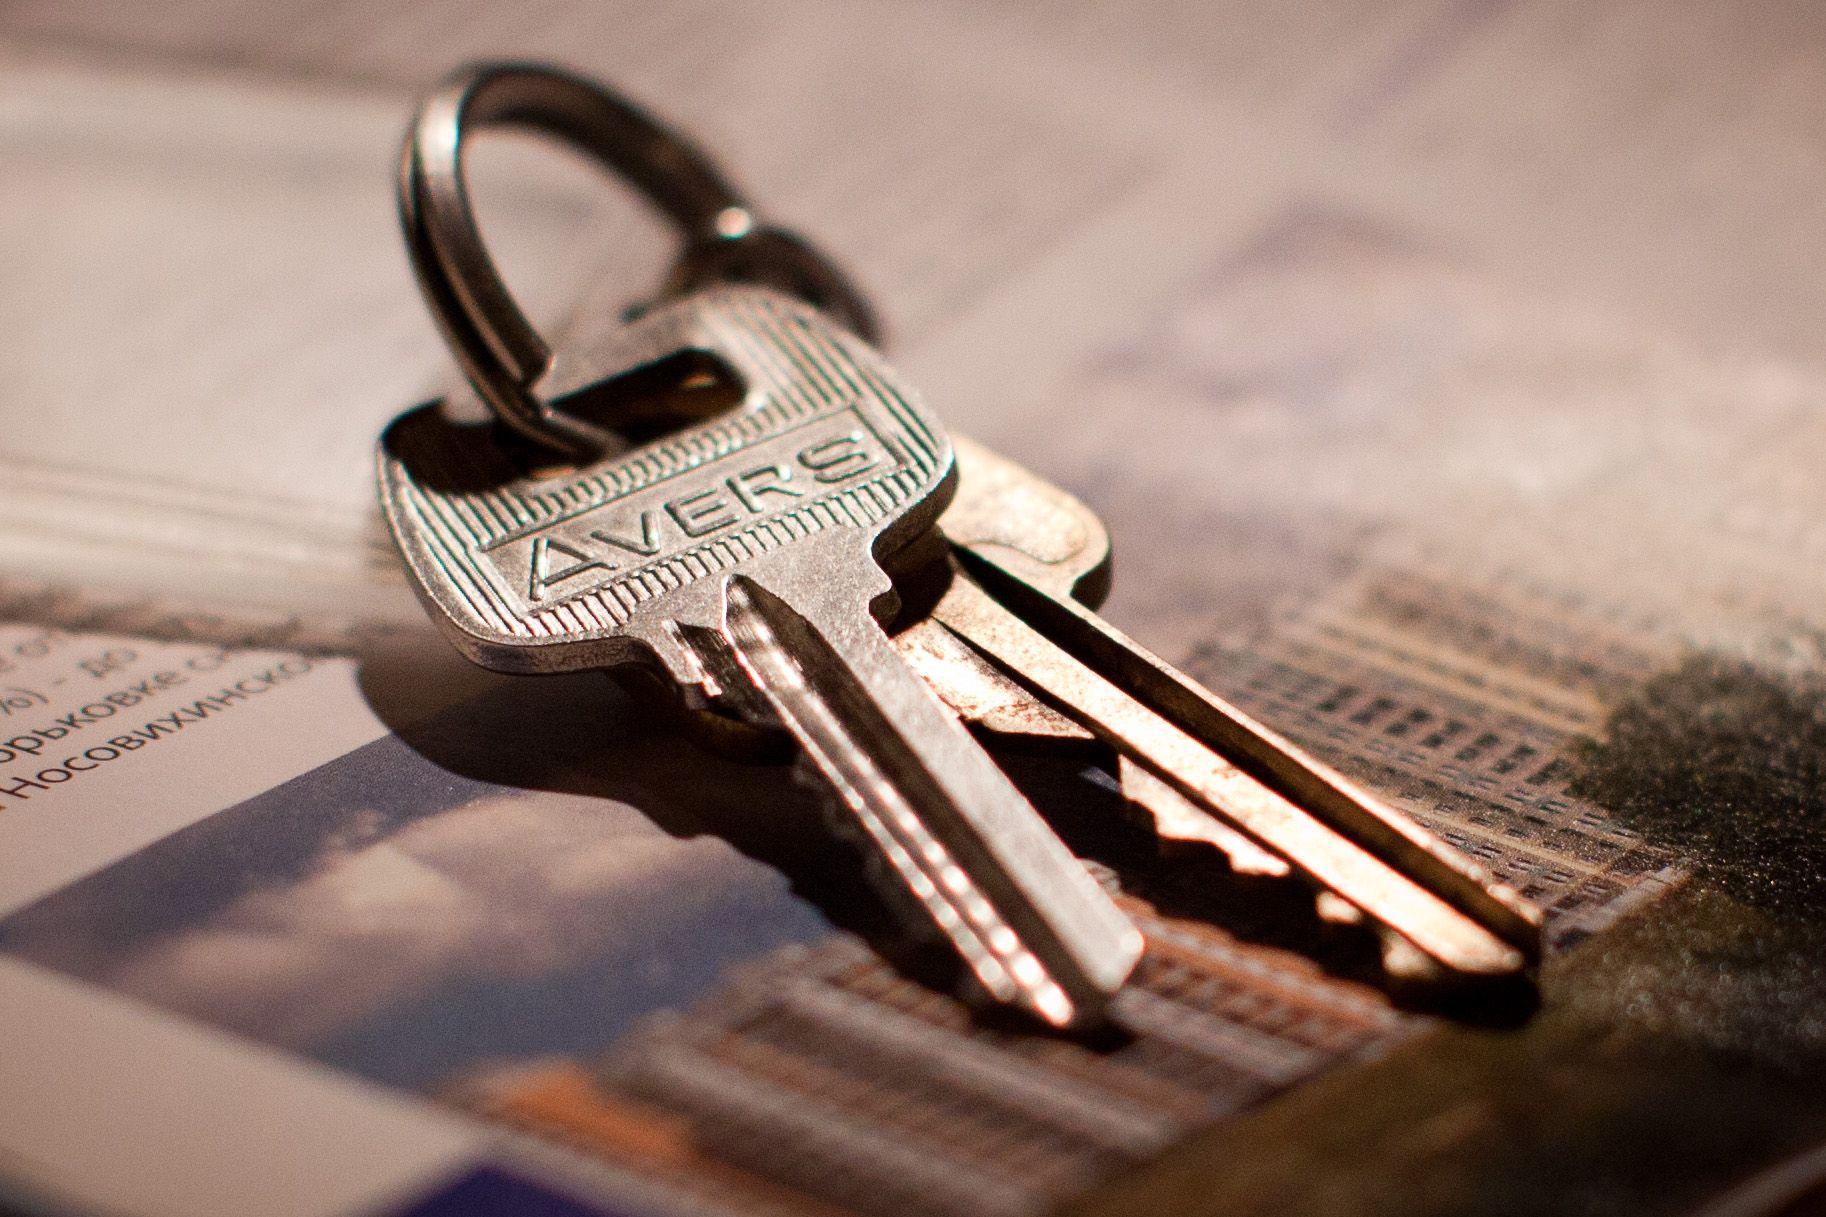 В РК внедрили механизм безналичной оплаты сделок с недвижимостью- Kapital.kz